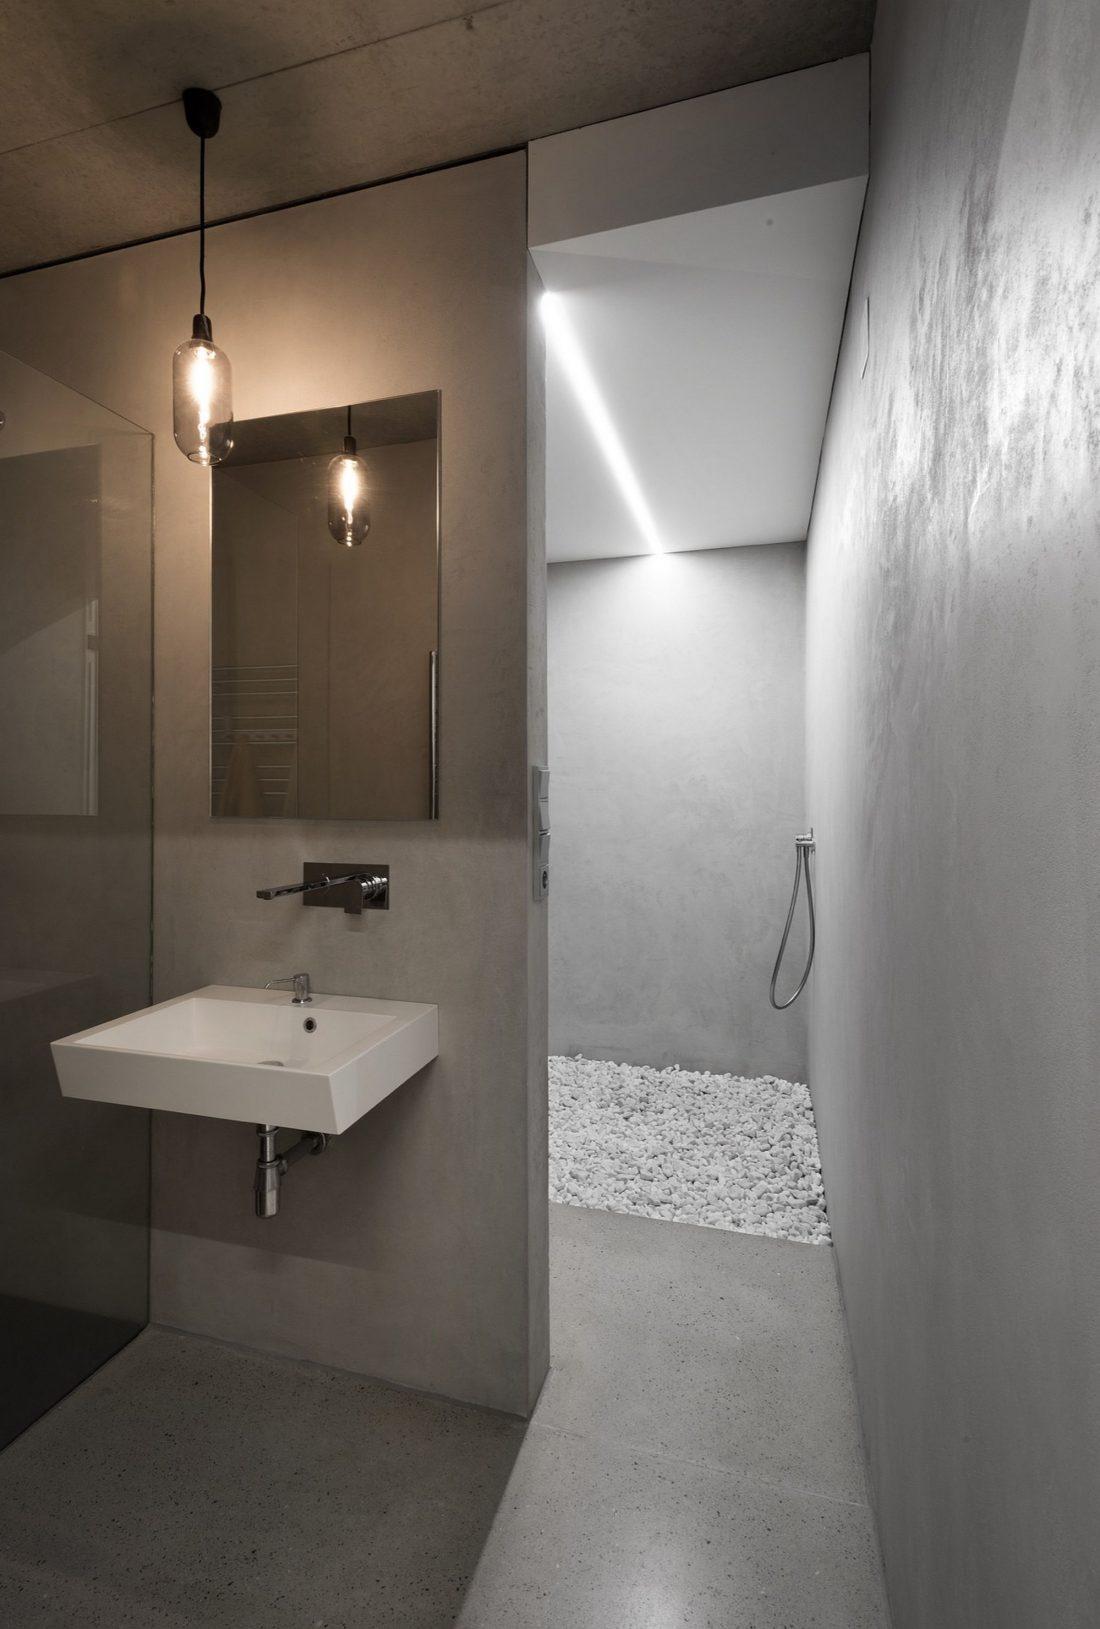 villa-z-v-chehii-v-monohromnom-stile-foto-interera-11